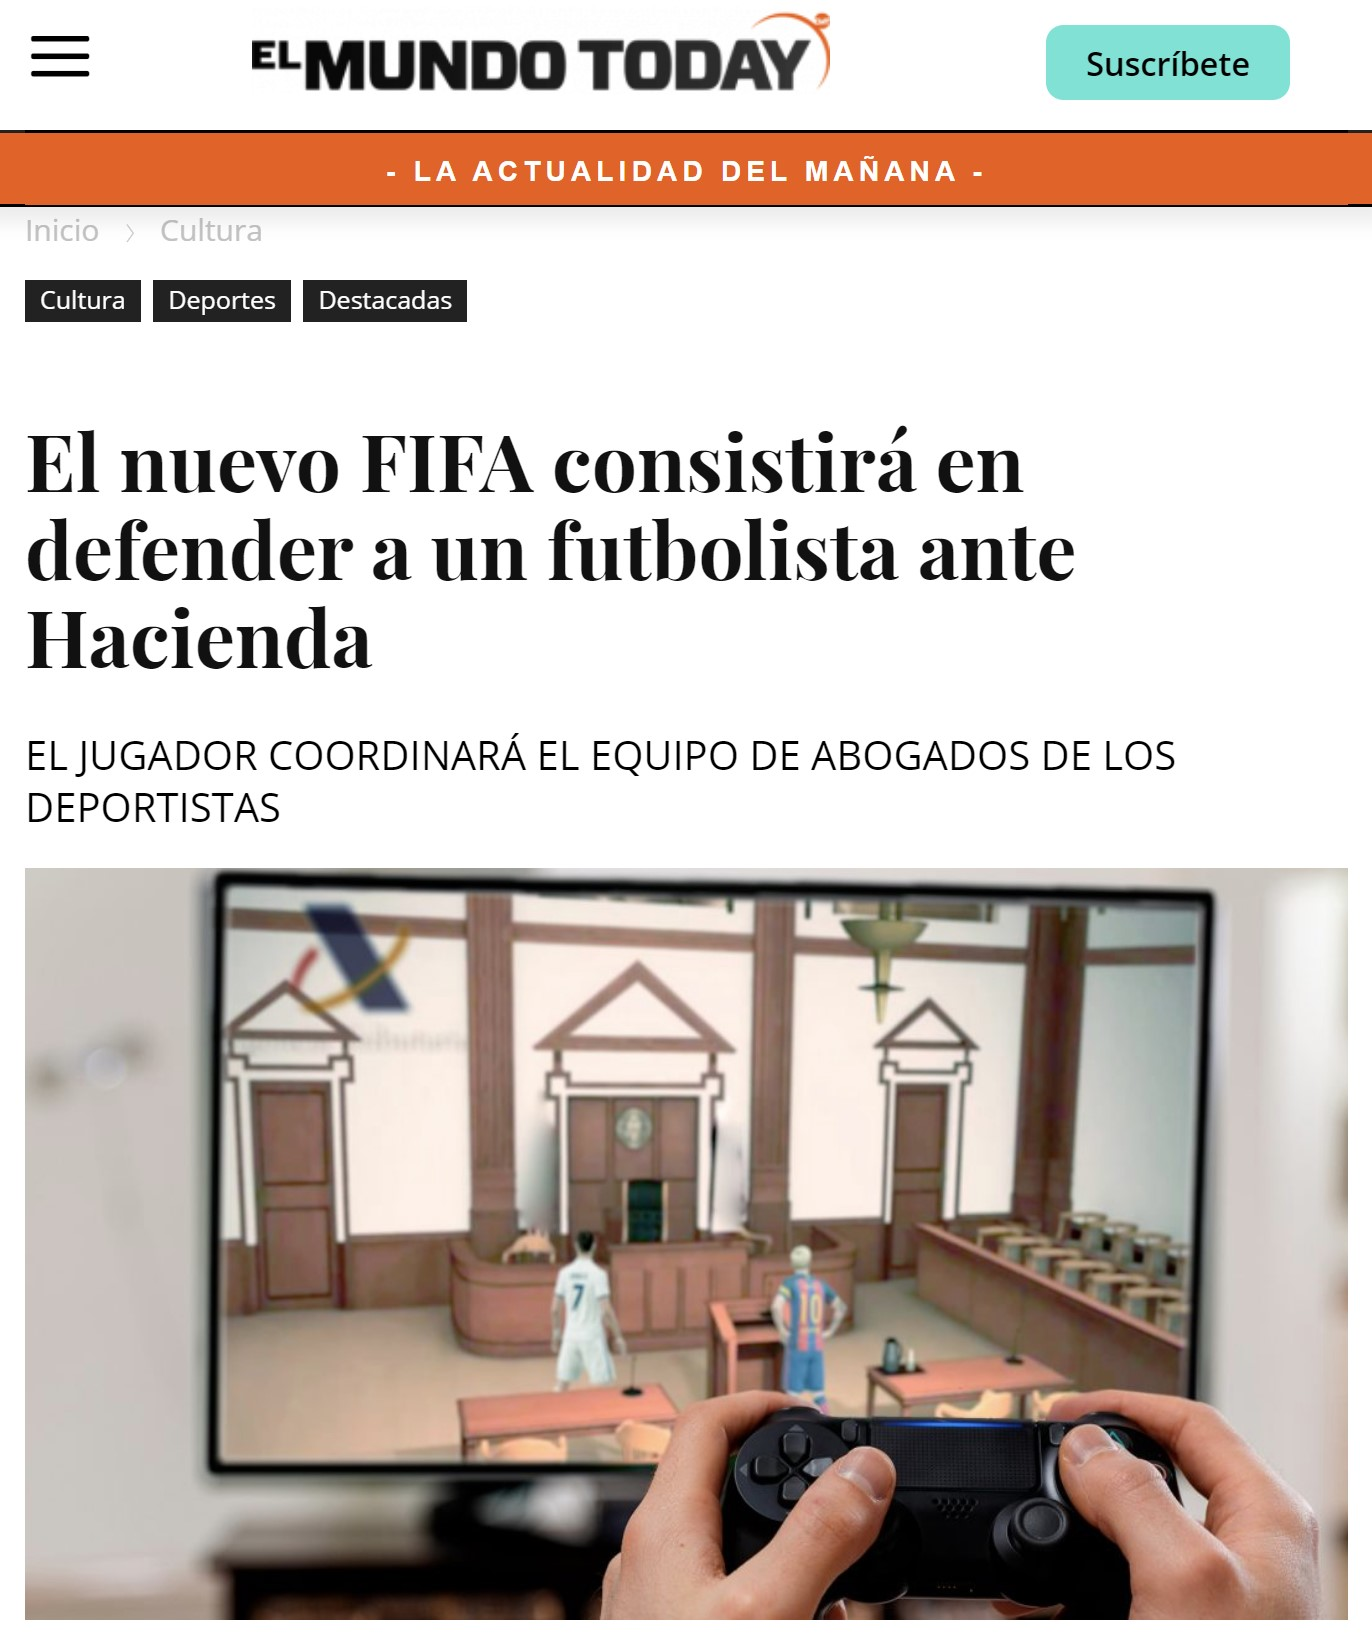 Pinta bien el nuevo FIFA